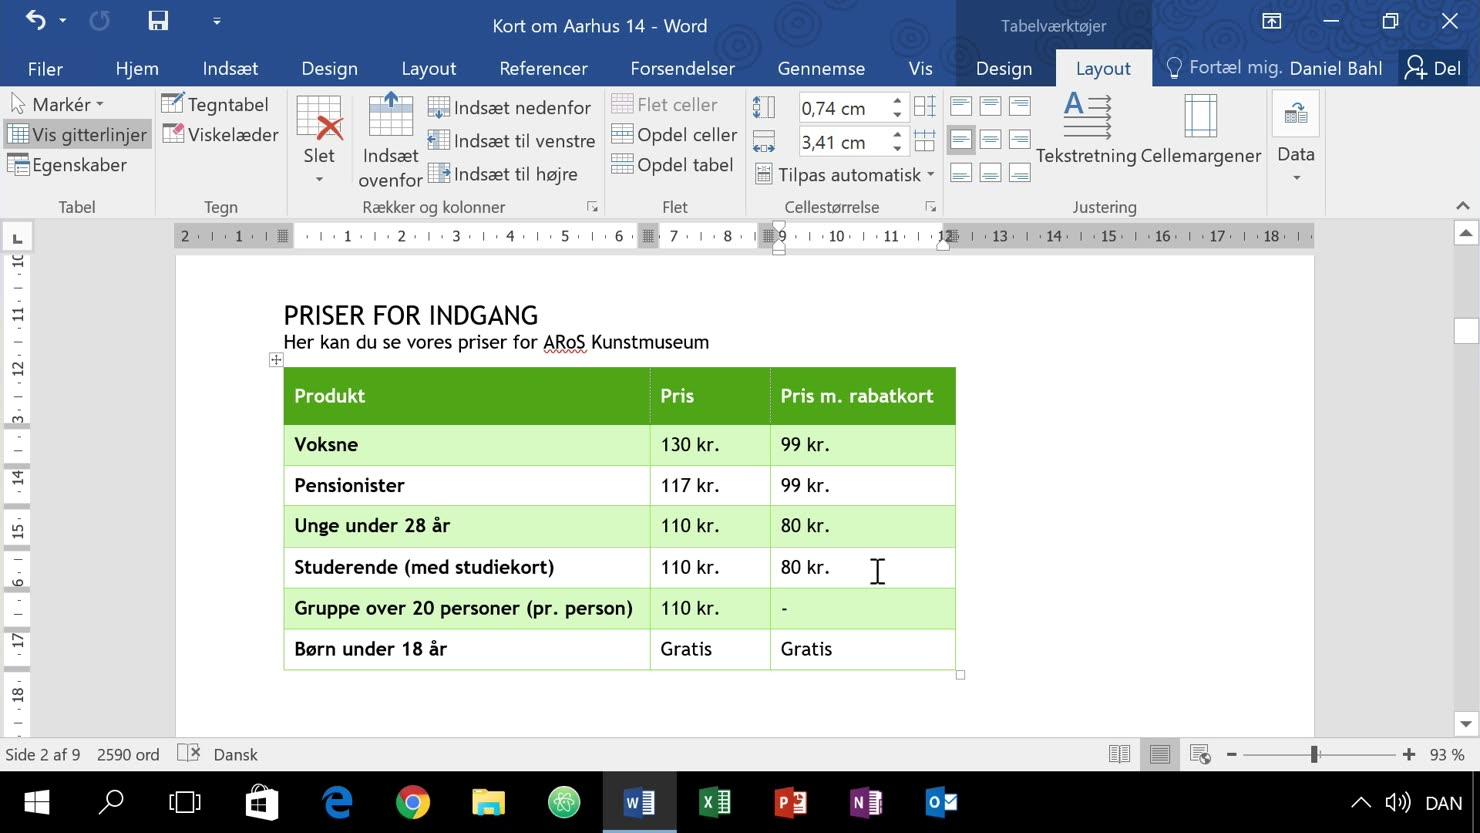 Yderligere formattering af tabeller